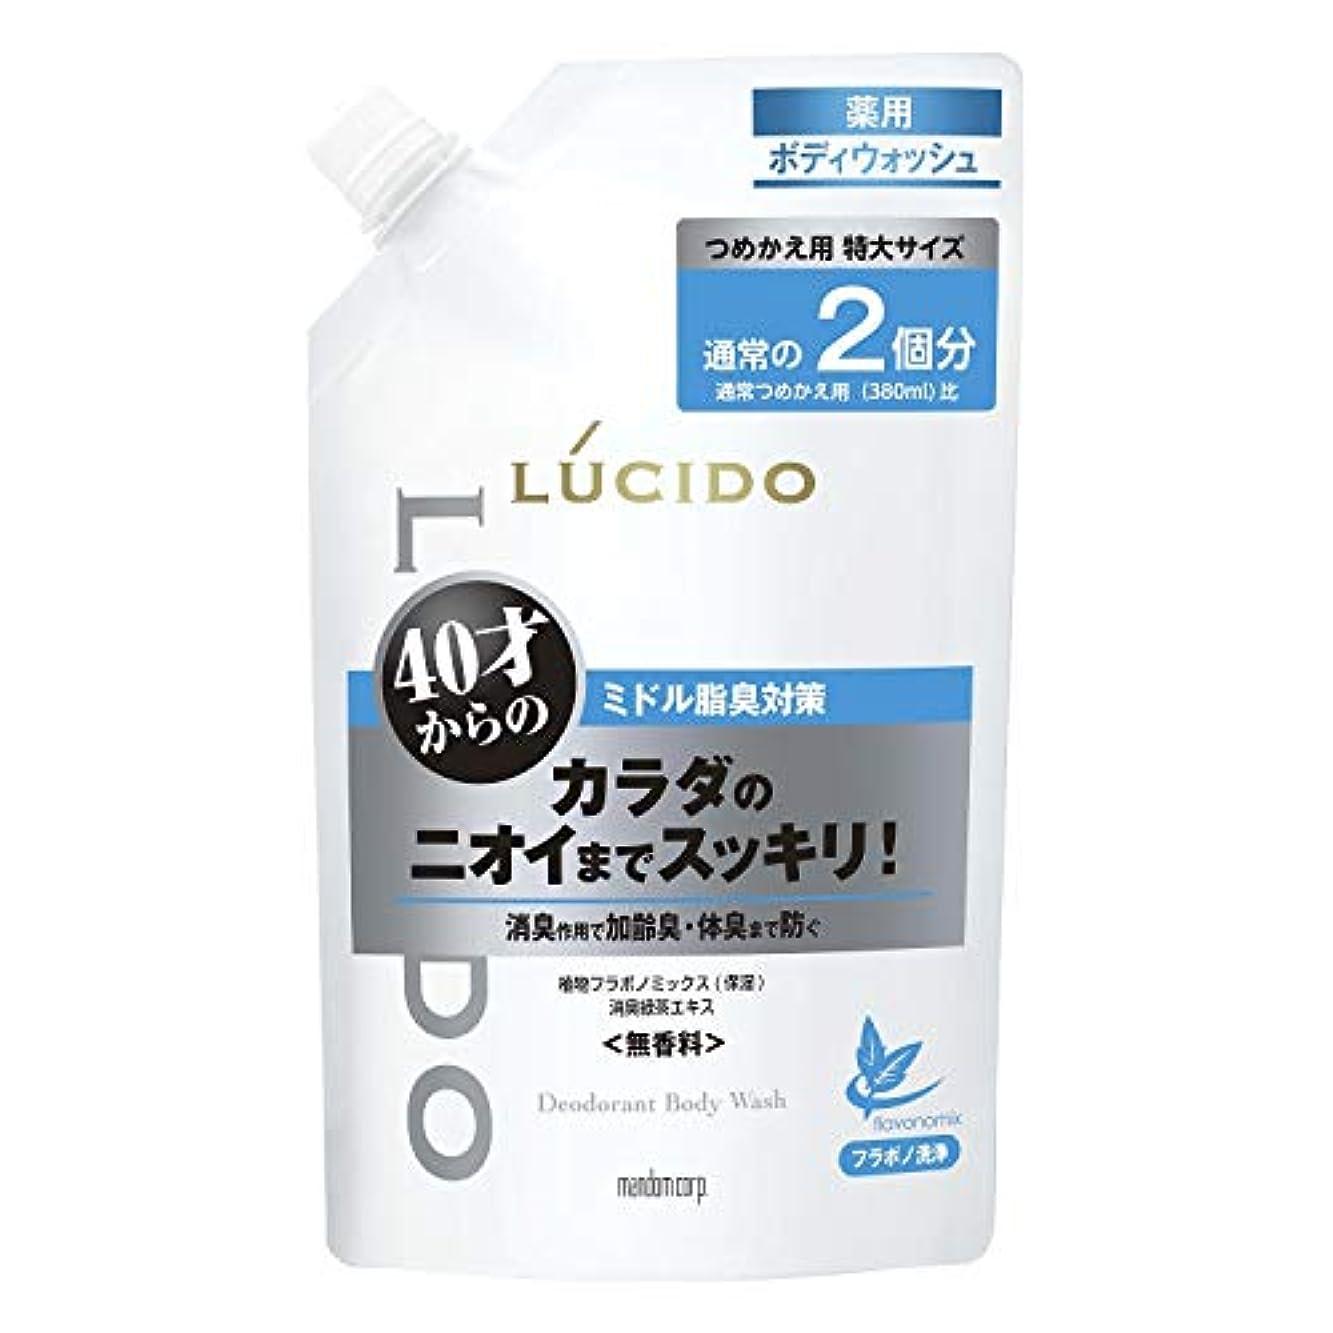 可決さわやか舌なルシード (LUCIDO) 薬用デオドラントボディウォッシュ 詰め替え 大容量 760ml 加齢臭対策 メンズ 男性用 ボディソープ